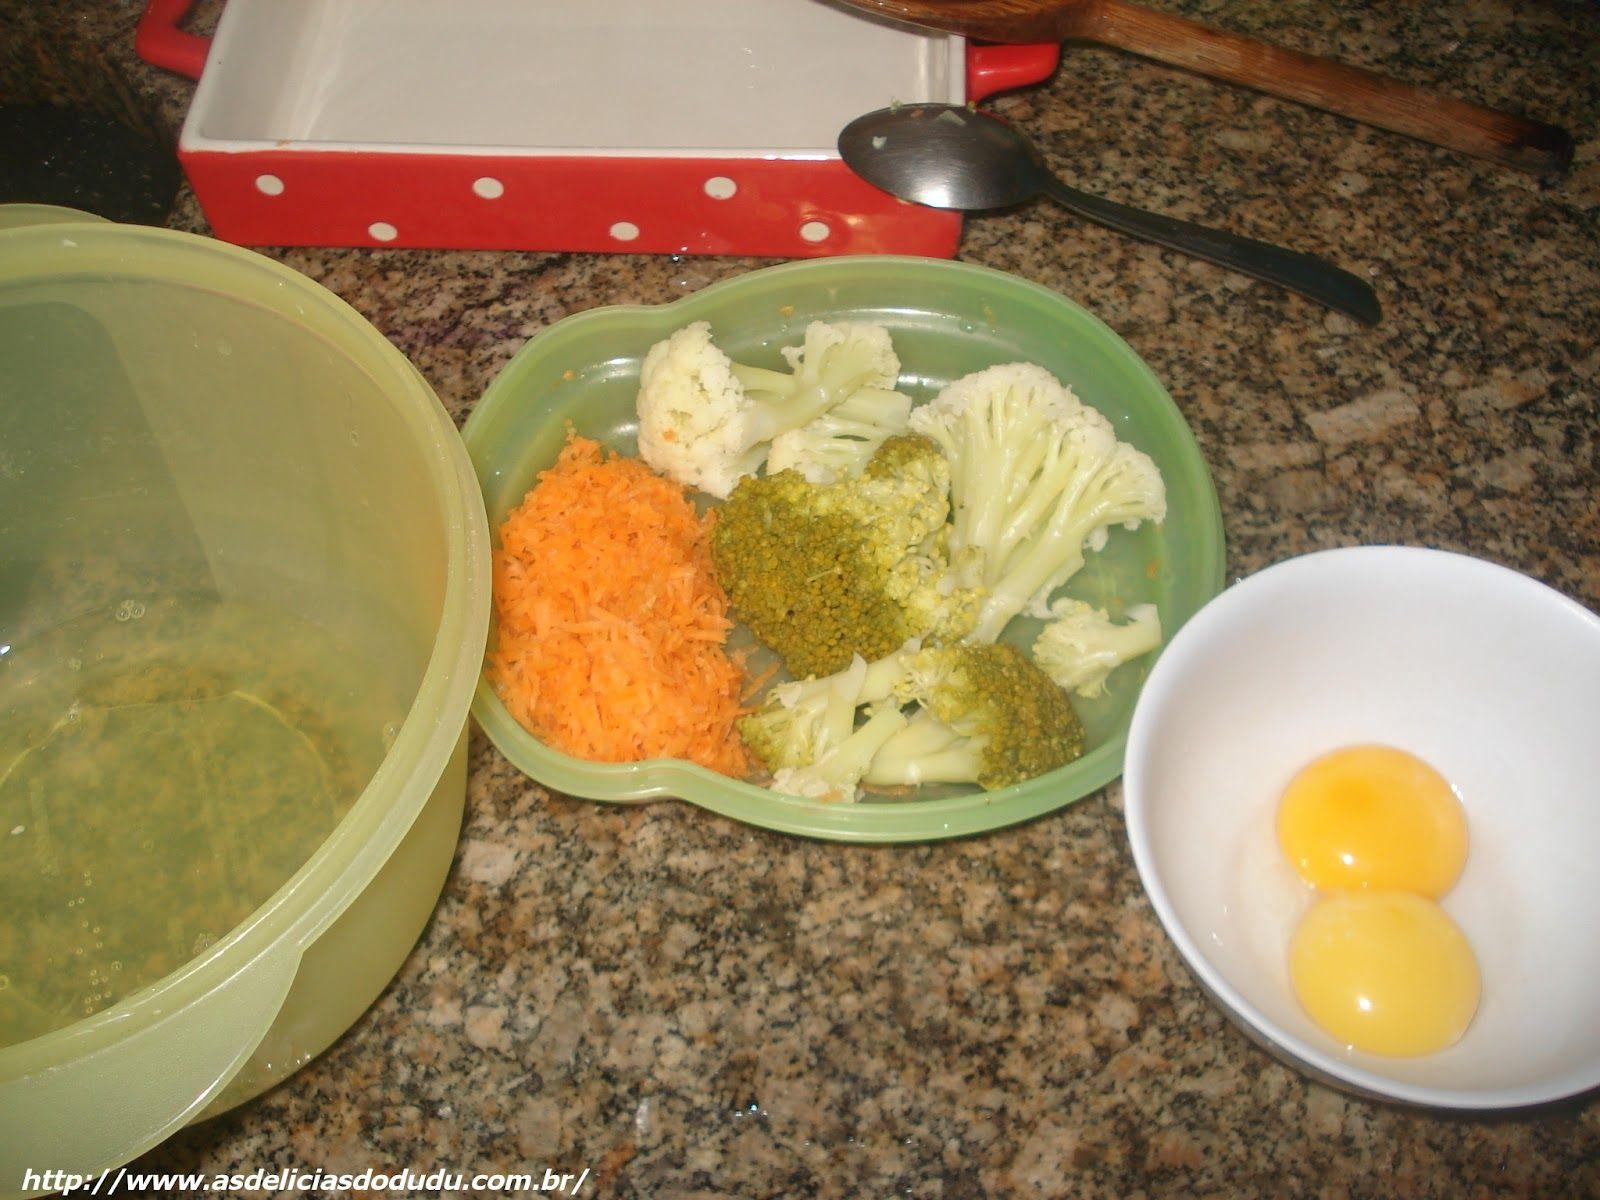 Seguindo a receita daqui do blog mesmo que a Bianca Cristina enviou do suflê de cenourafiz um delicioso de legumes, o cheiro tomou conta da casa e Dudu comeu com a melhor boca do mundo, ficou realmente maravilhoso… Você vai precisar de: 2 ovosLegumes cozidos usei brócolis, couve flor e cenoura ralada crua1 colher de …